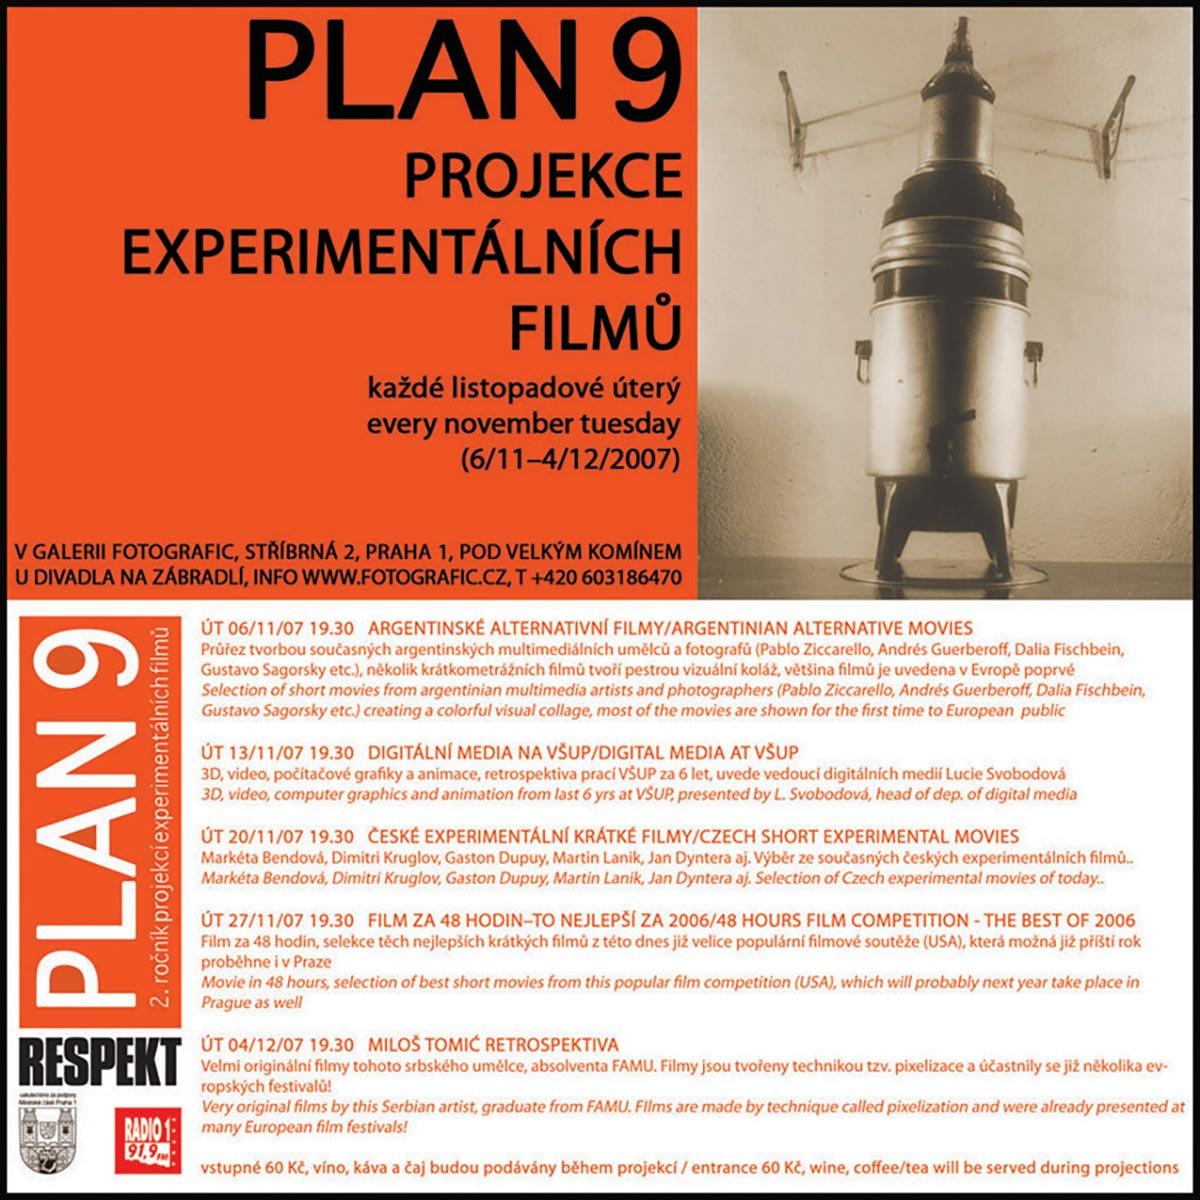 PLAN 9 2007 film festival poster